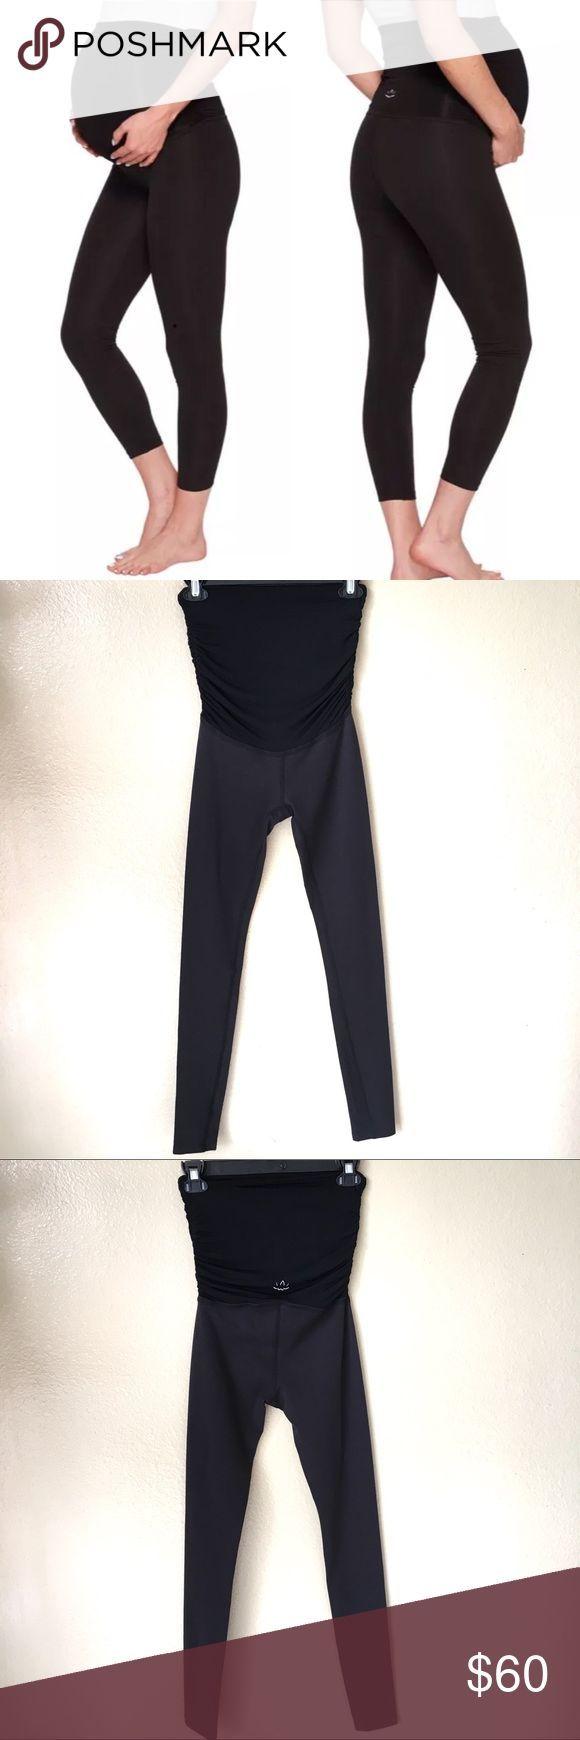 """20fe408163f8f1 NWOT Beyond The Bump Yoga Pants Leggings XS Beyond the Bump by Beyond Yoga  """"Hug"""